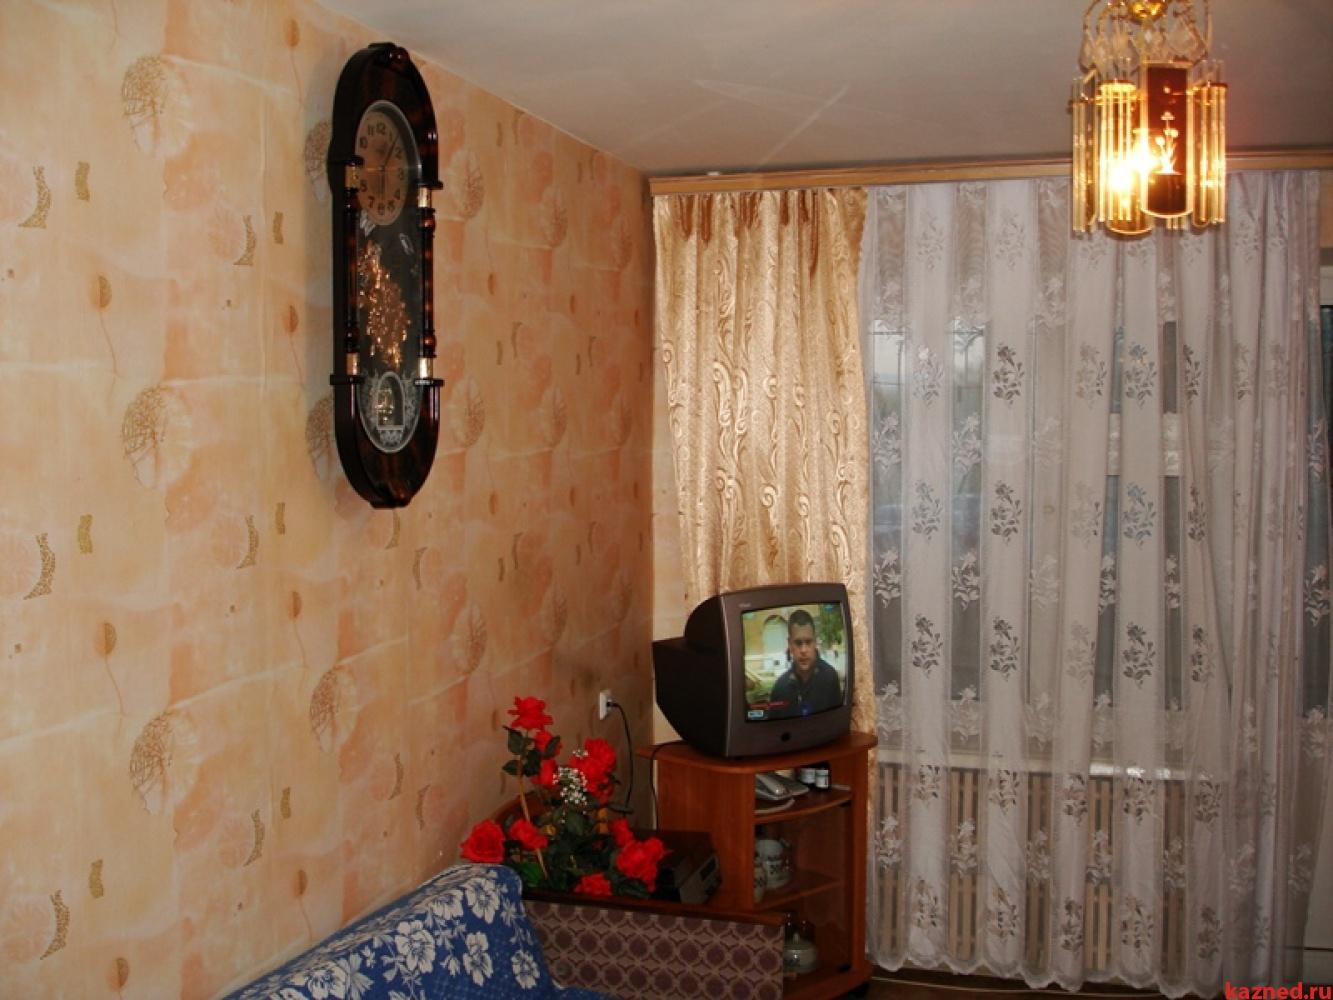 Продажа 1-к квартиры Ноксинский спуск, 28, 35 м2  (миниатюра №1)